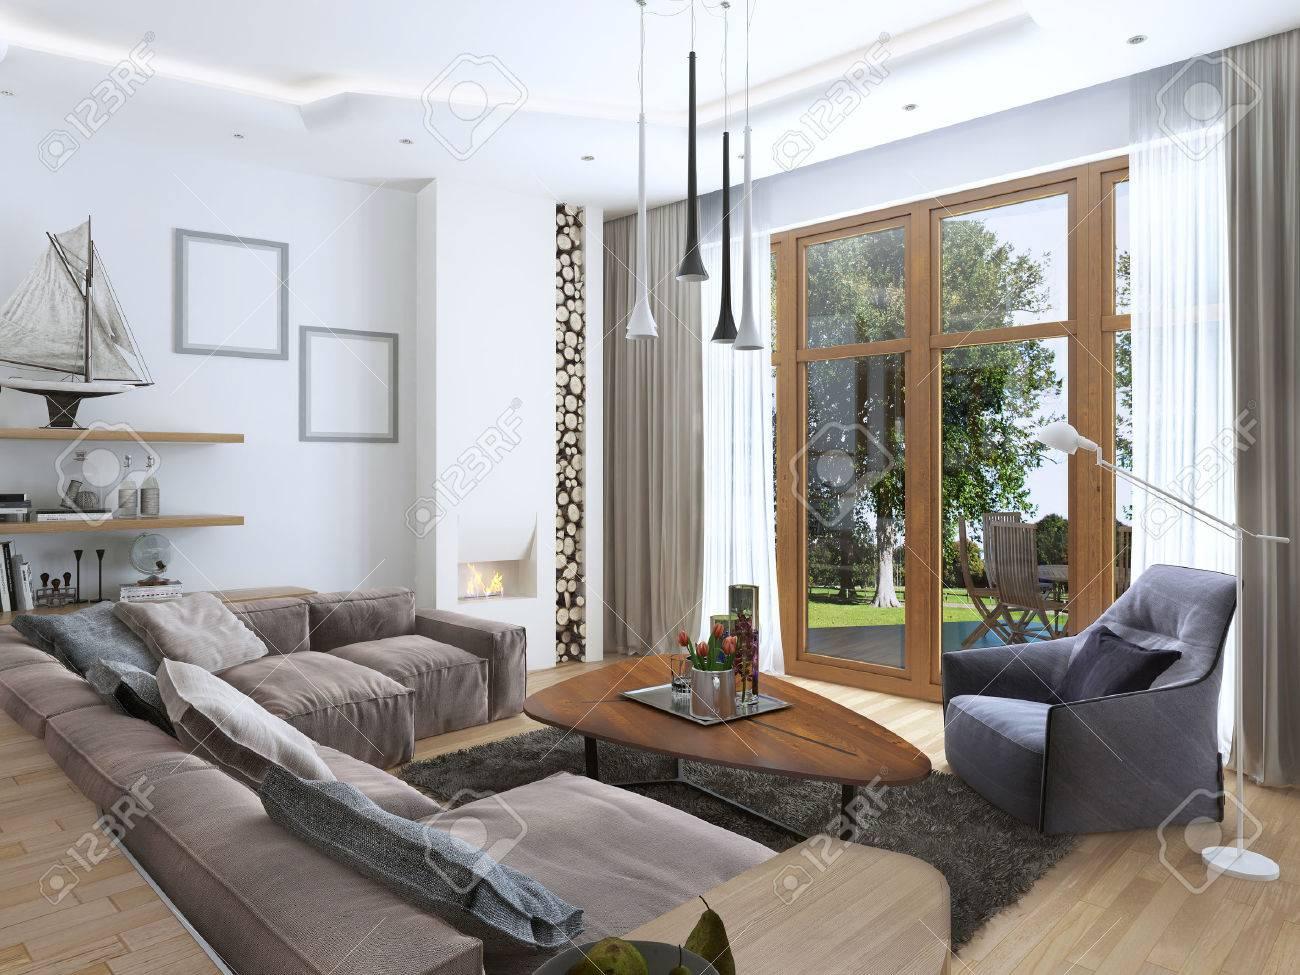 wohnzimmer mit einem groen ecksofa aus einem stoff in einem modernen stil entwerfen sie eine - Wohnzimmer Im Modernen Stil